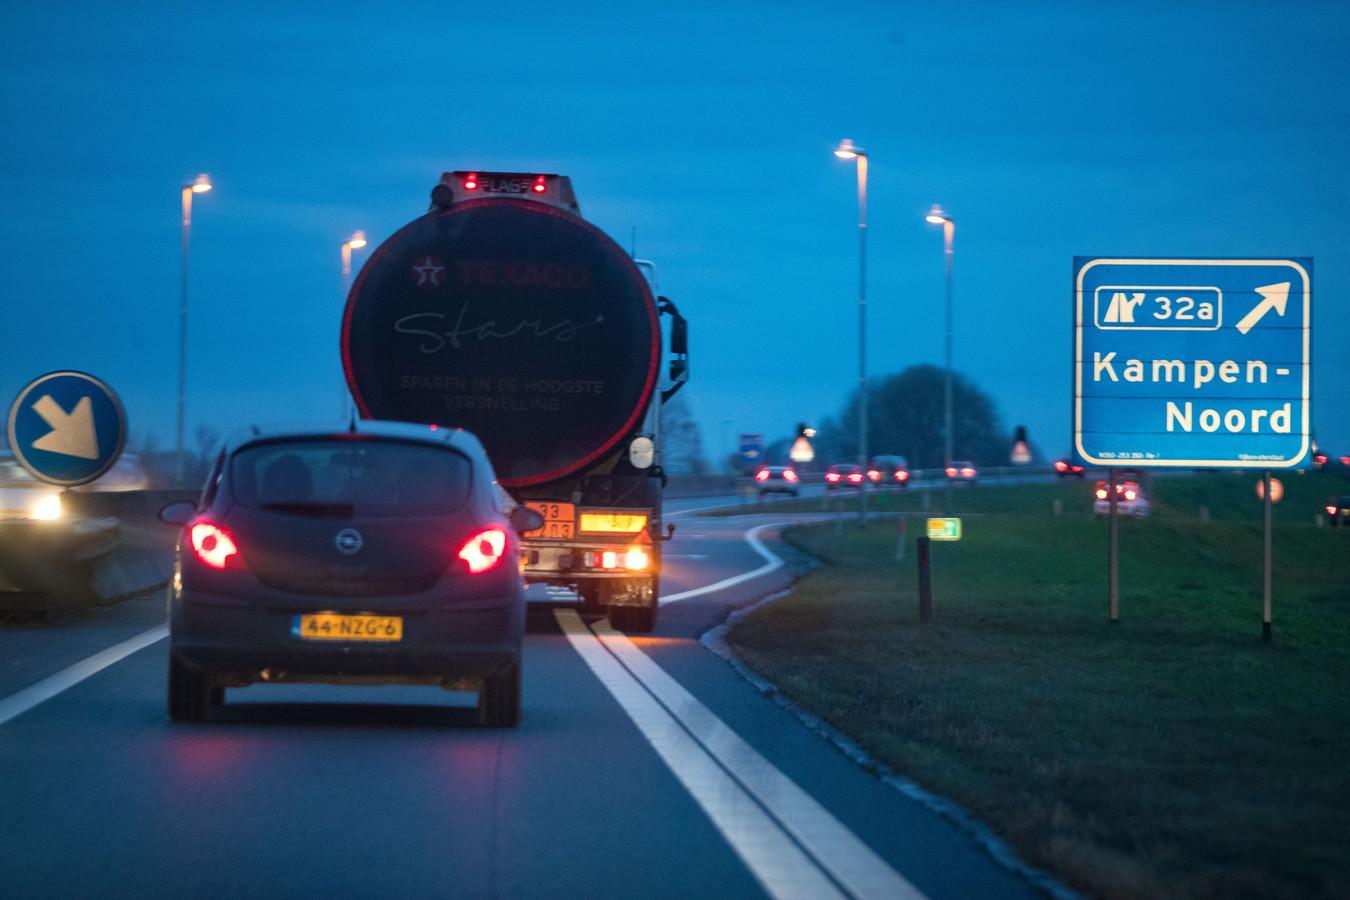 Verkeer wordt bij Kampen-Noord onvoldoende duidelijk gewaarschuwd voor files, vindt de raad van Noordoostpolder.